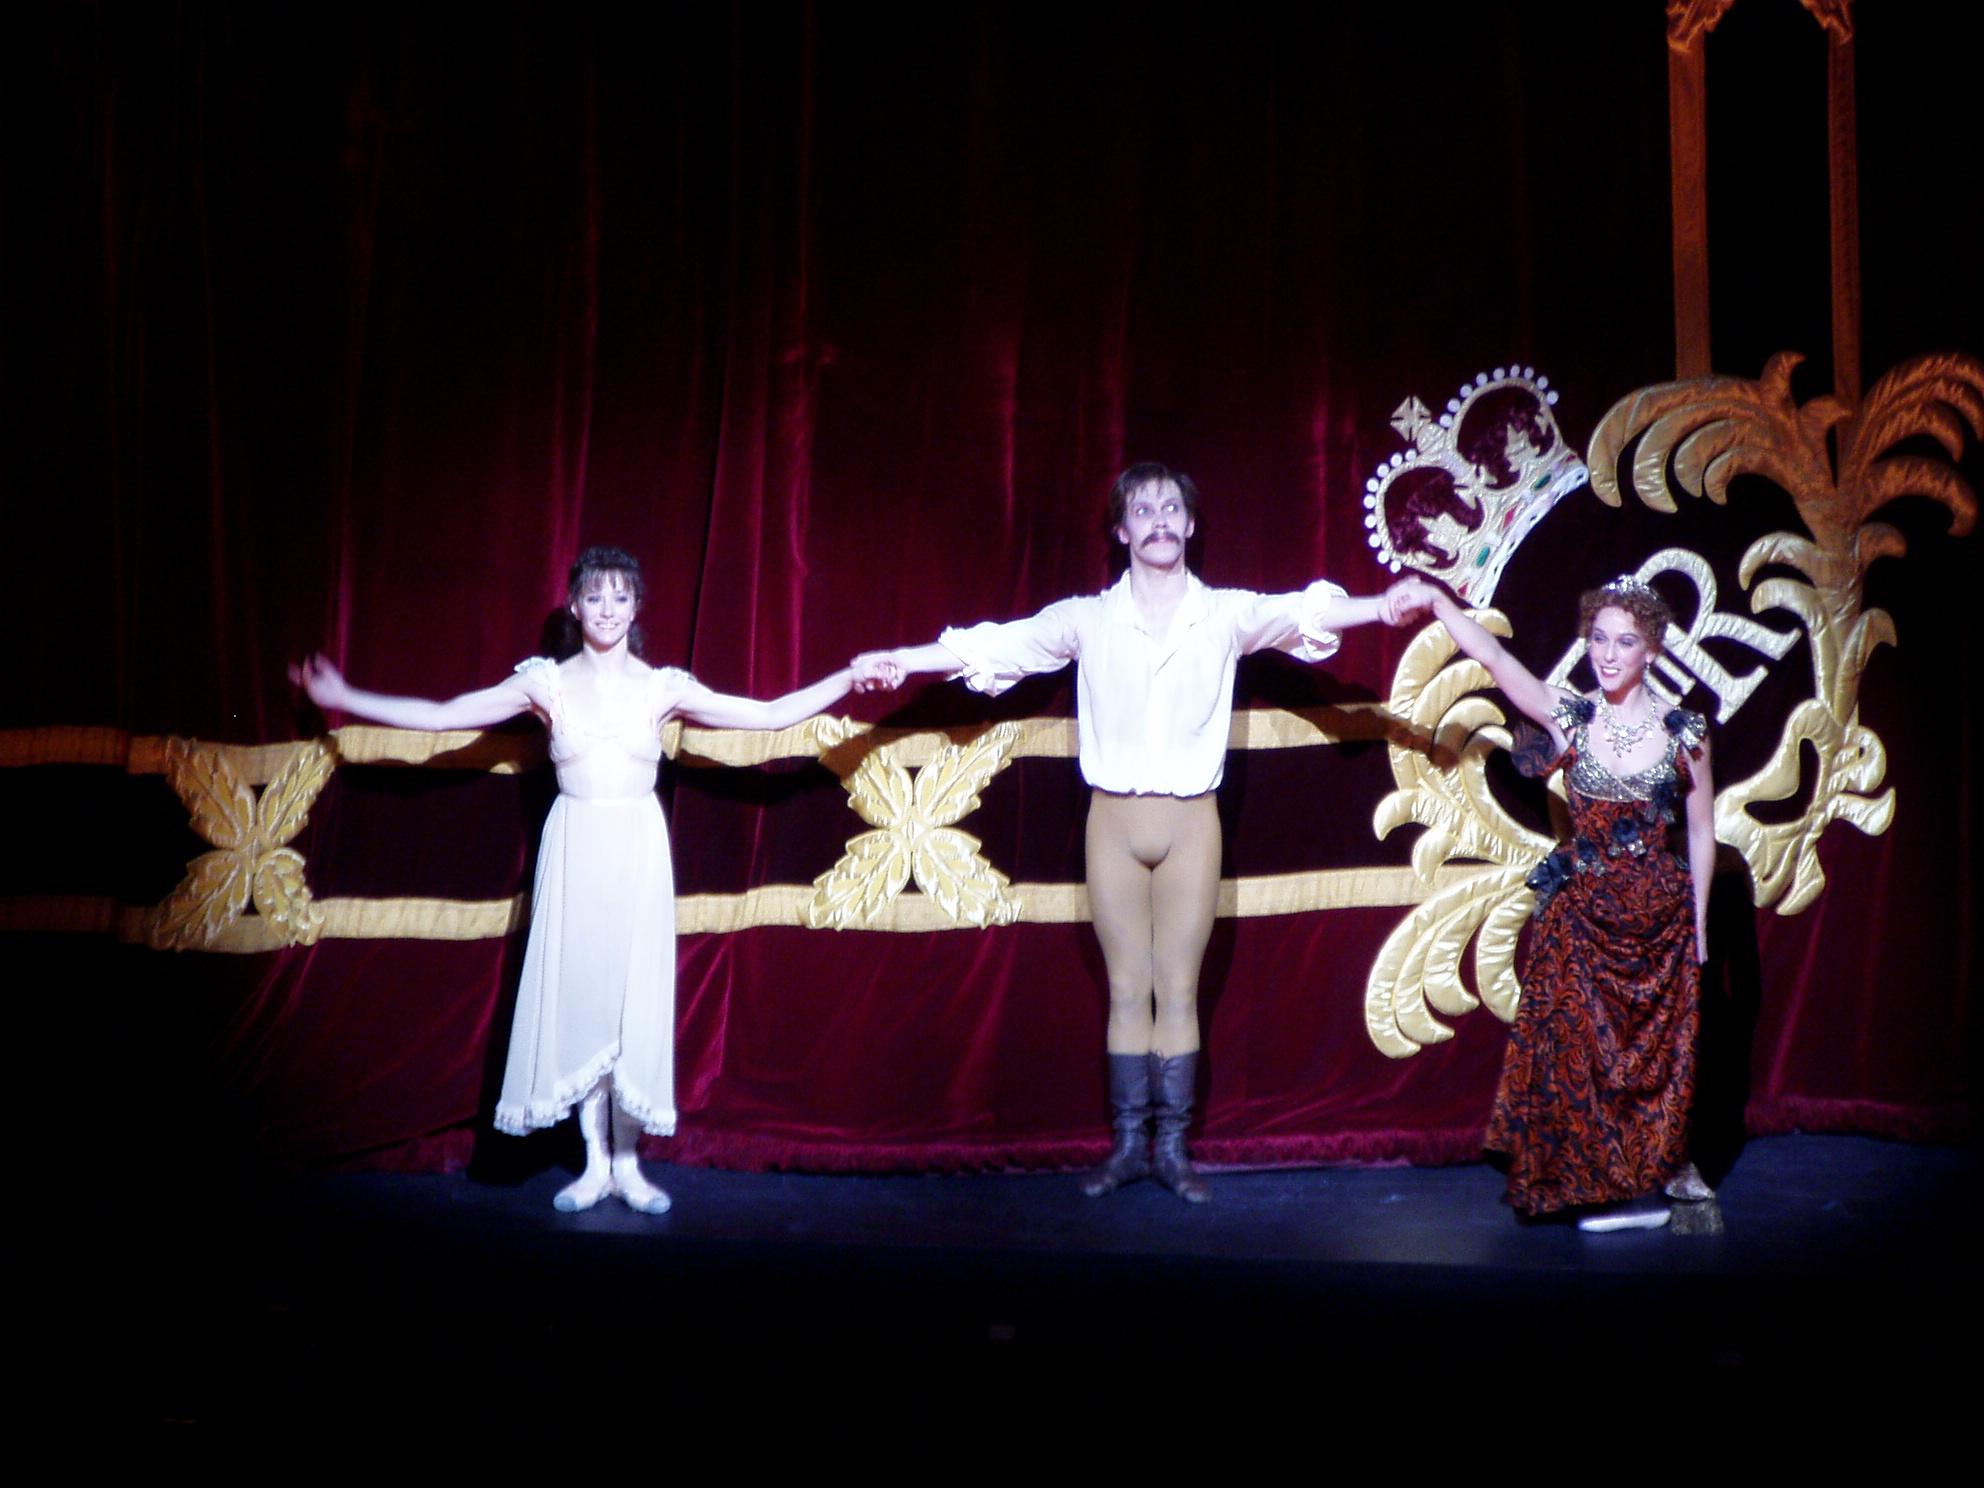 Alina Cojocaru, Johan Kobborg, Laura Morera, curtain call for Mayerling, Royal Ballet, 10 April 2007.